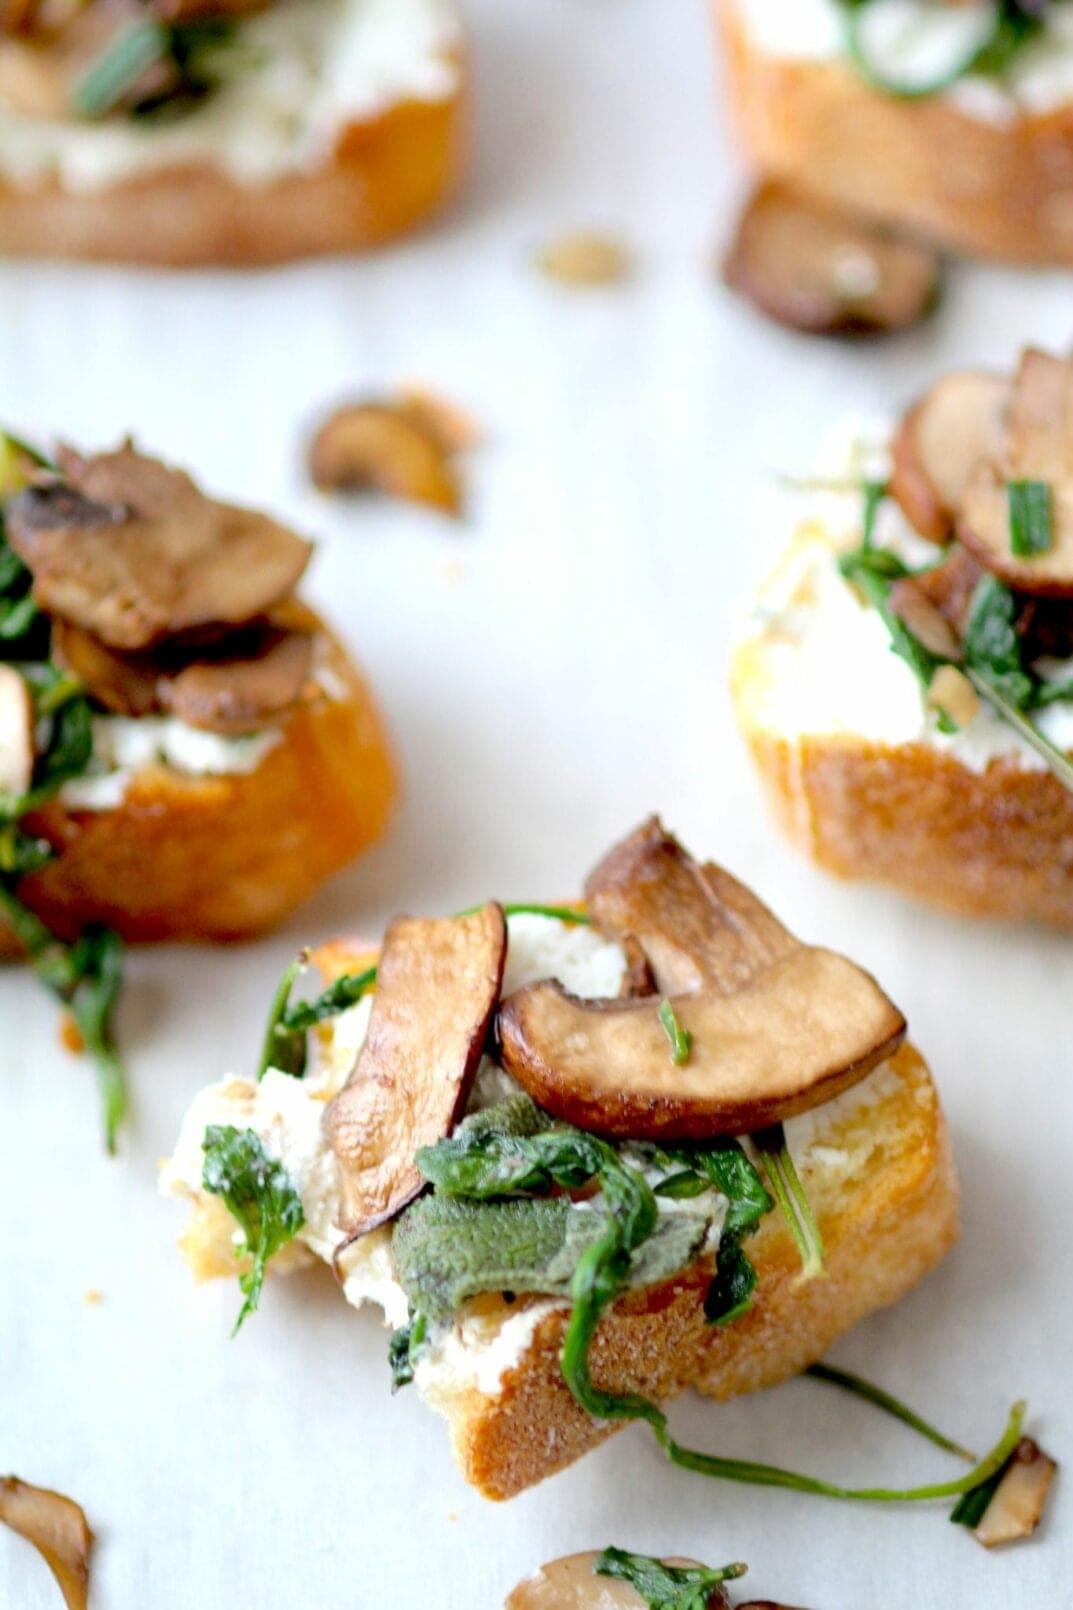 herb roasted mushroom and goat cheese crostini